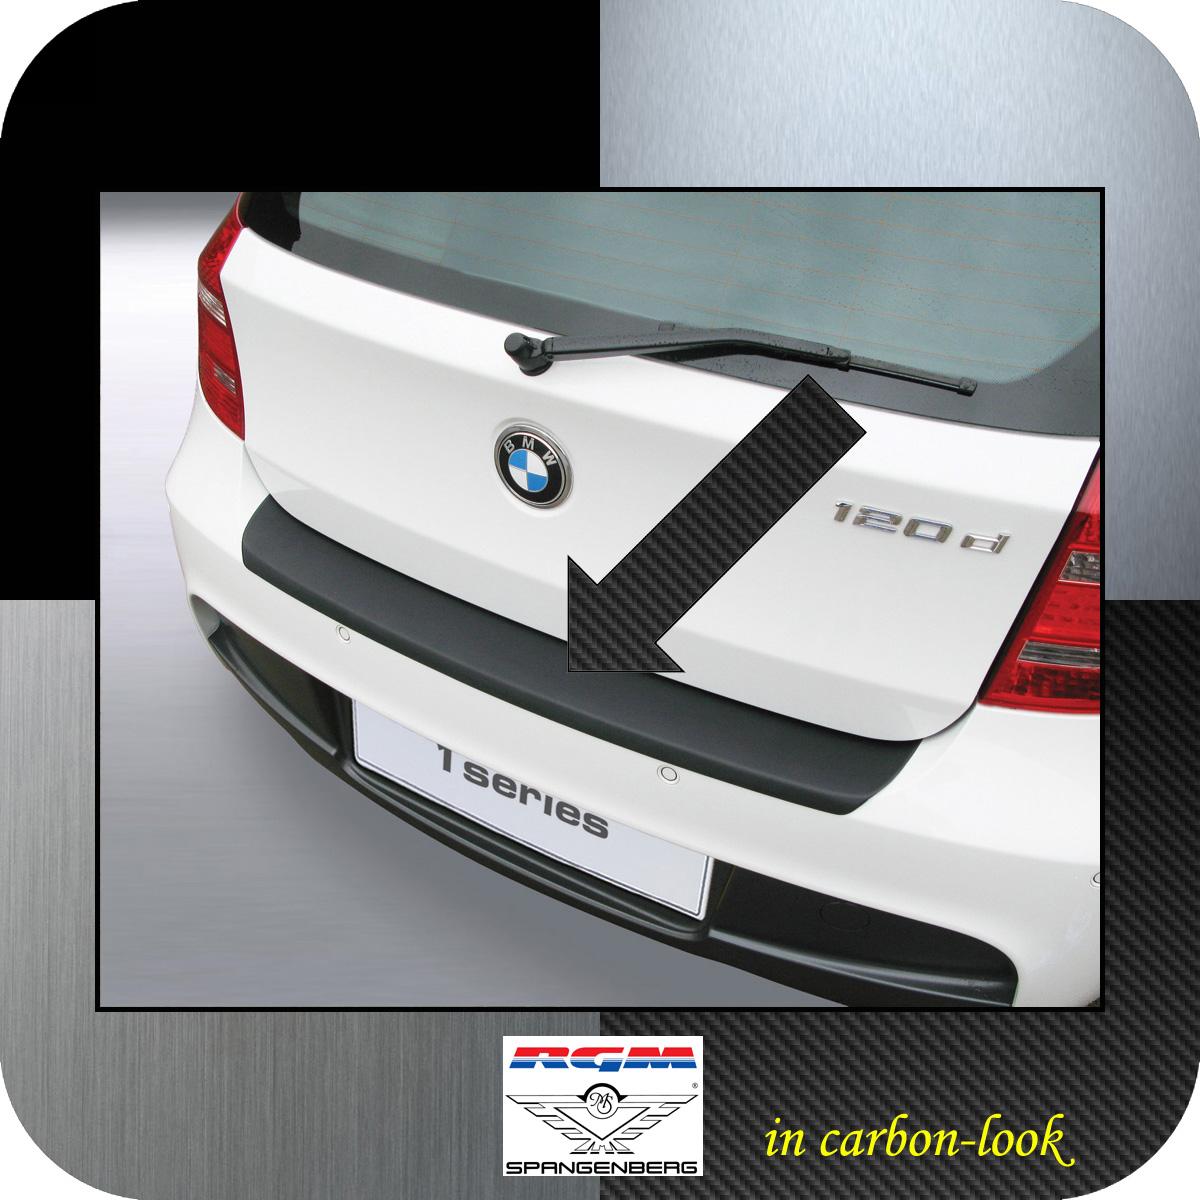 Ladekantenschutz Carbon-Look BMW 1er E81 E87 M-Style ab facelift 2007-12 3509457